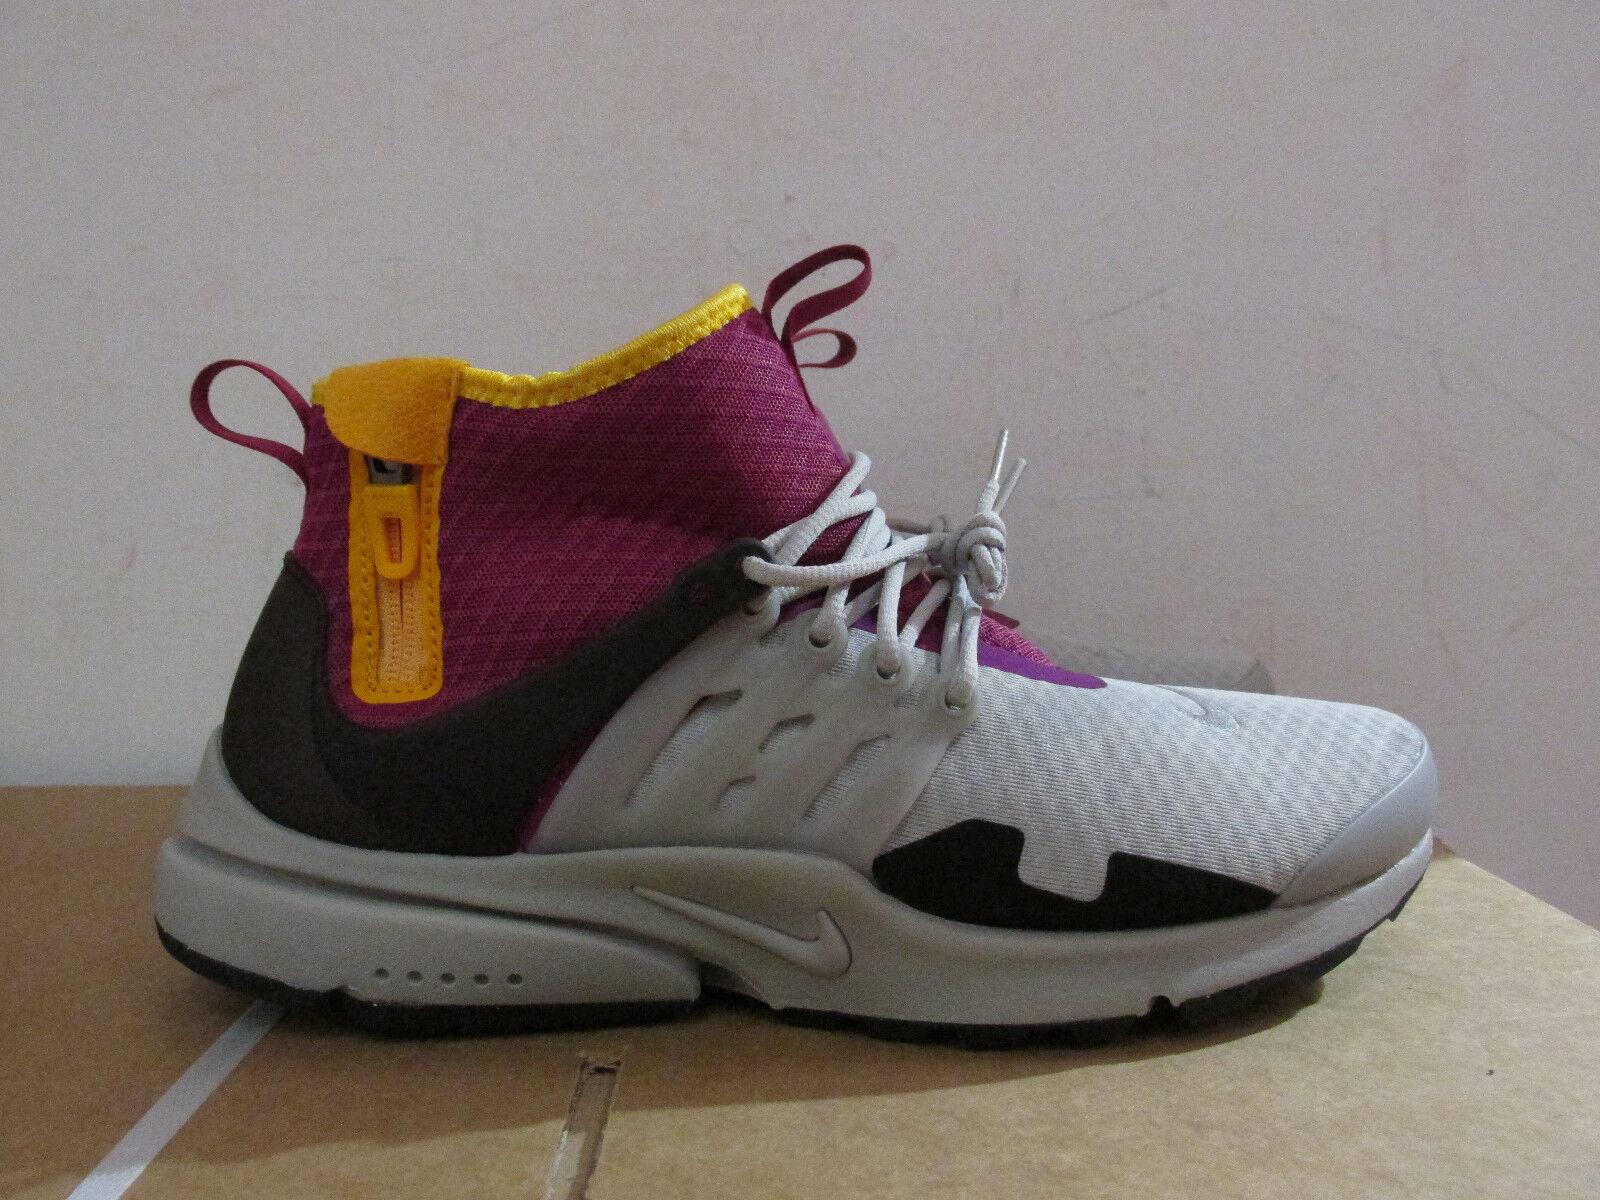 Nike Presto Presto Presto Mid SP Air AA0868 006 Da Uomo Scarpe da ginnastica Scarpe da ginnastica SVENDITA 03b71e